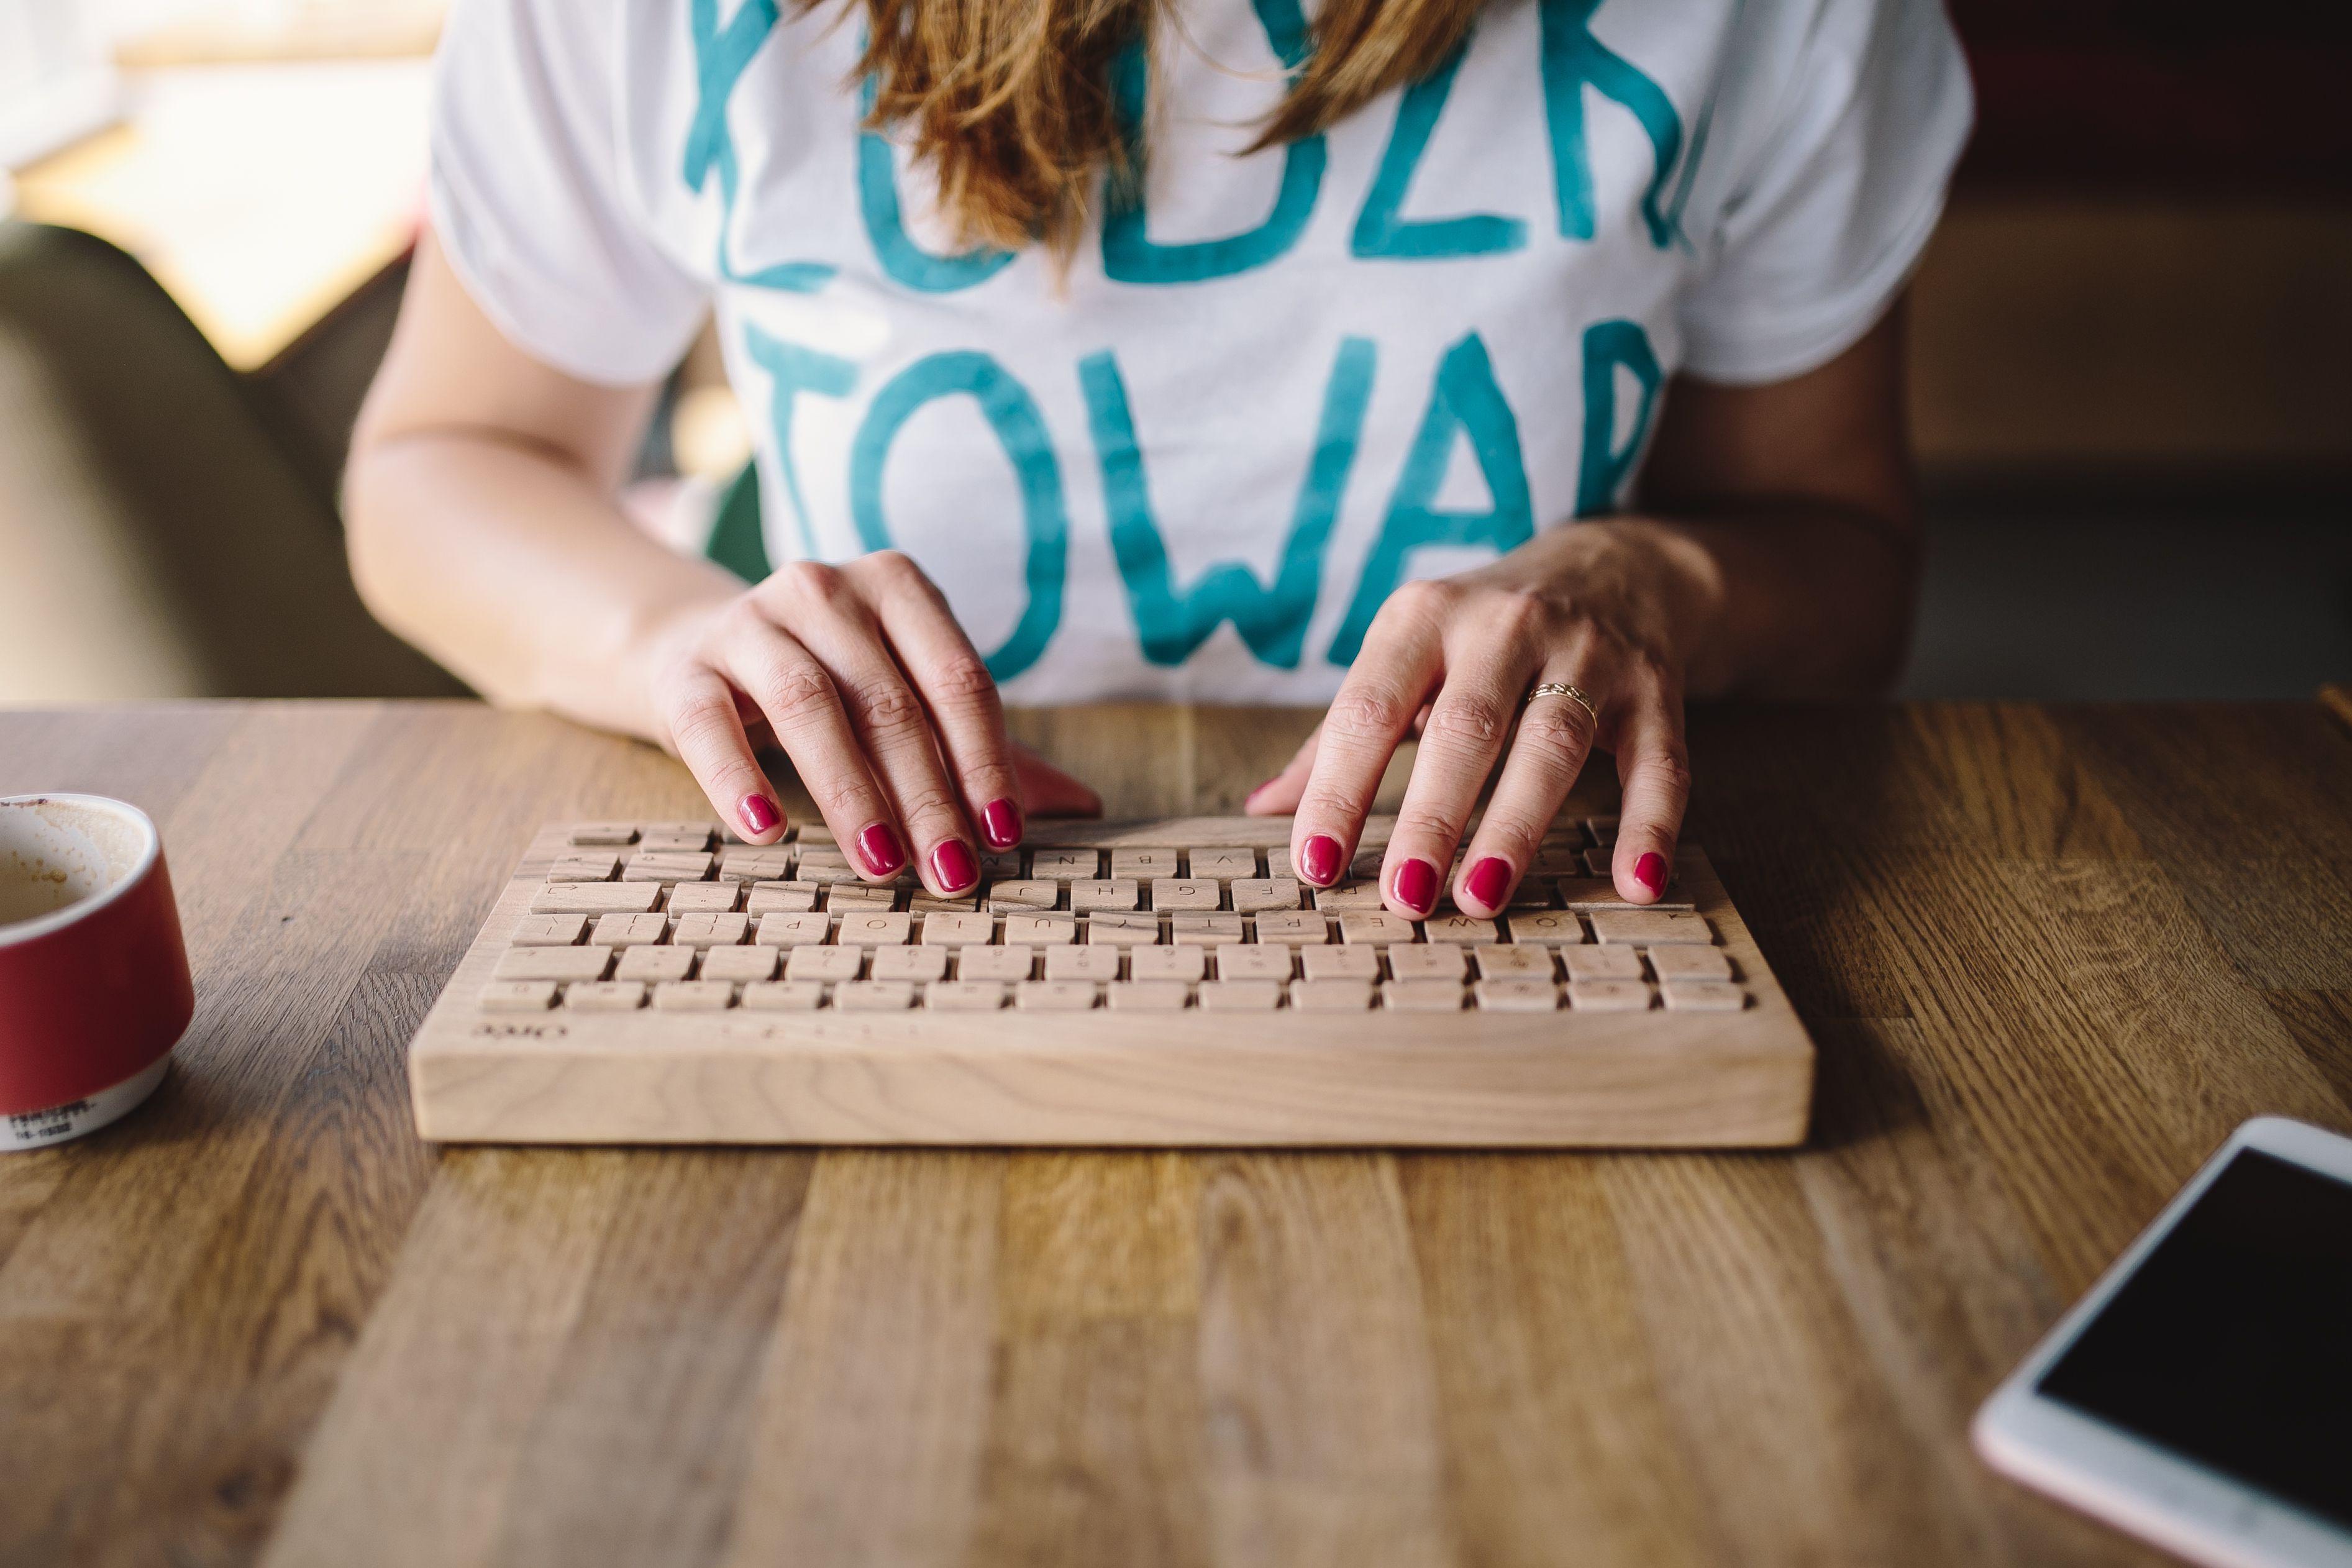 初心者が趣味でプログラミングを始める方法を解説